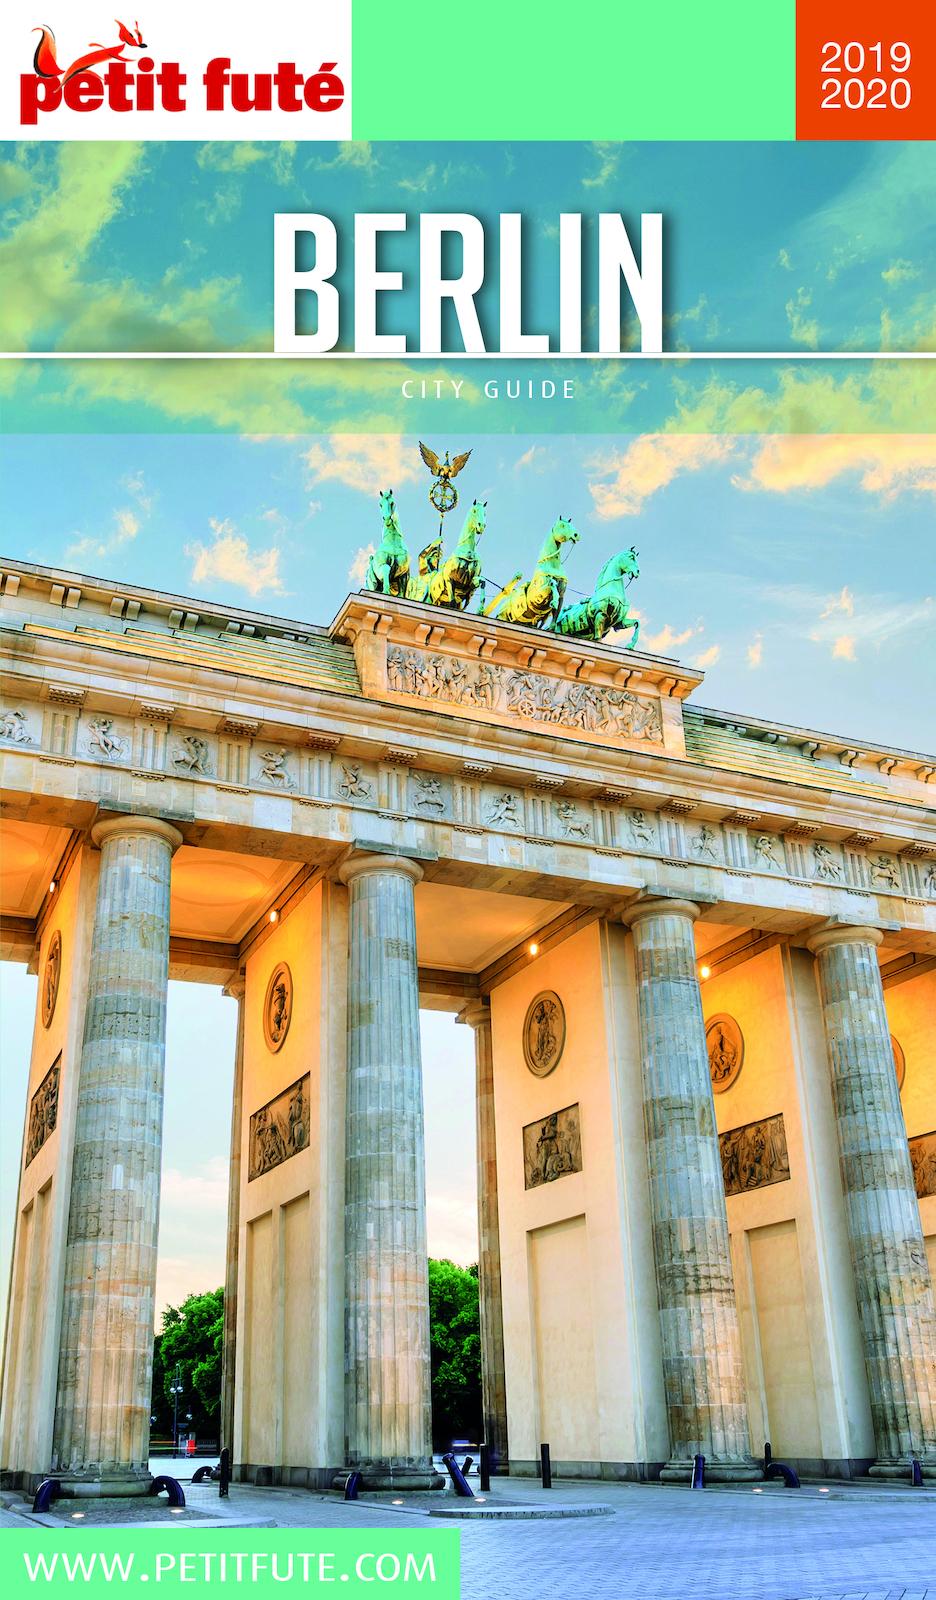 BERLIN 2019/2020 Petit Futé